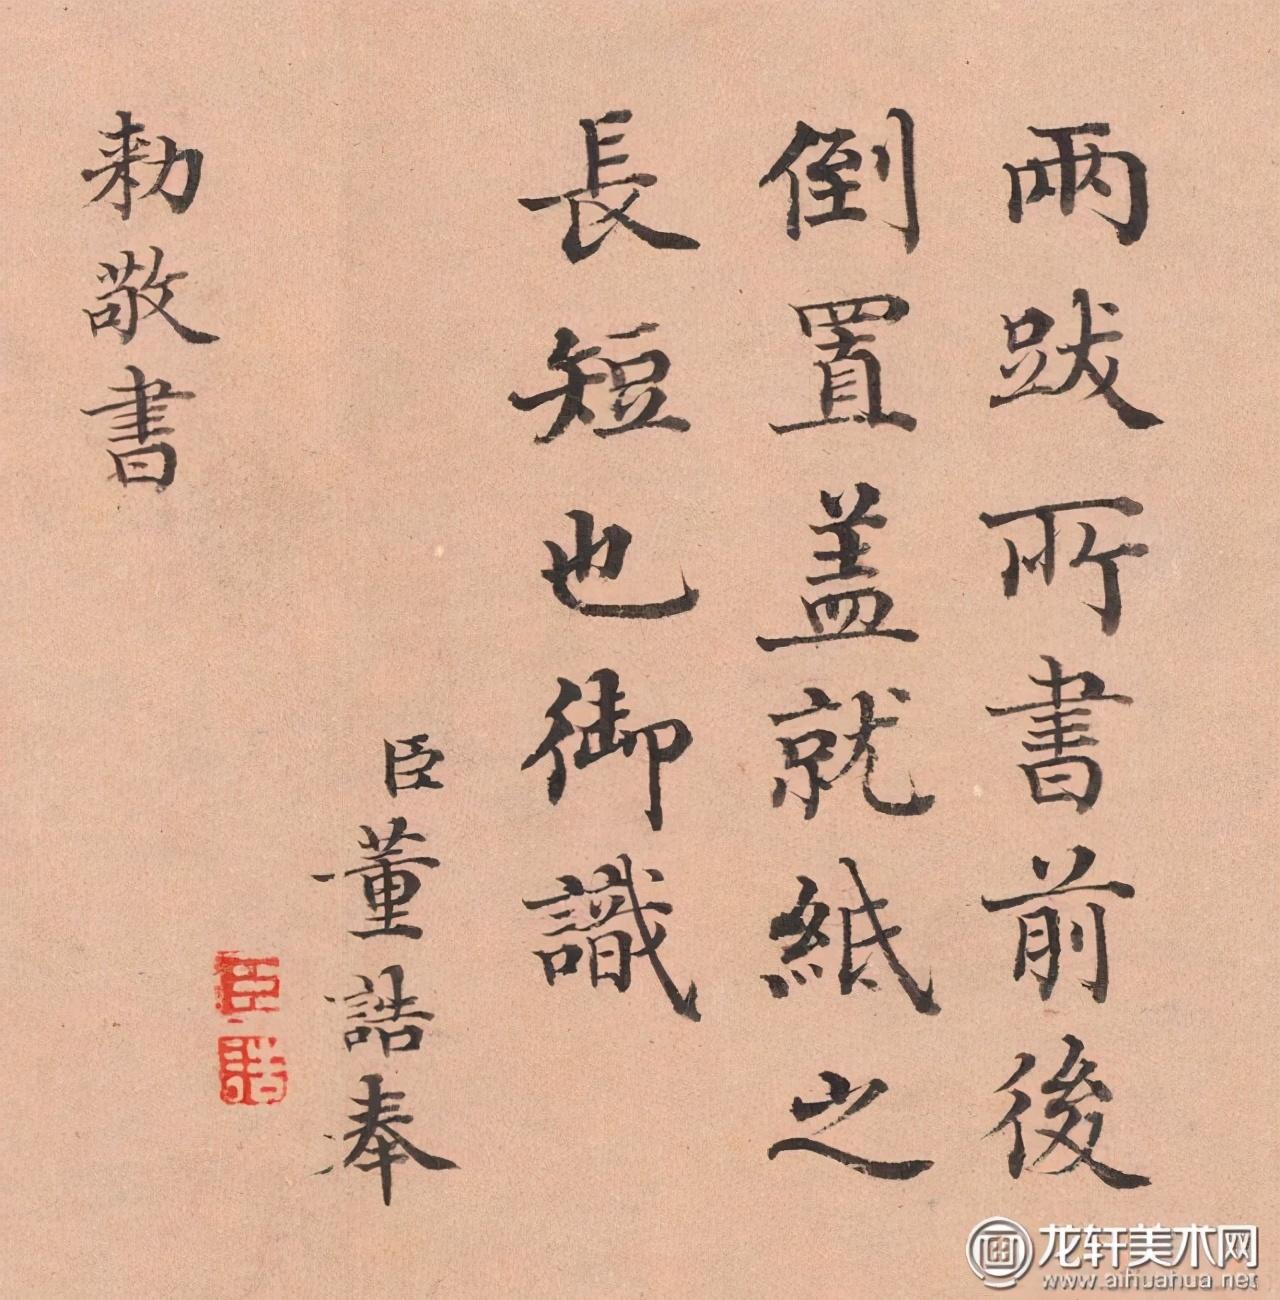 """è‰oæμ・掇英;牛å1′ä1‹å§‹è§£èˉ»éŸ©æ»‰ã€Šäo""""牛图》"""